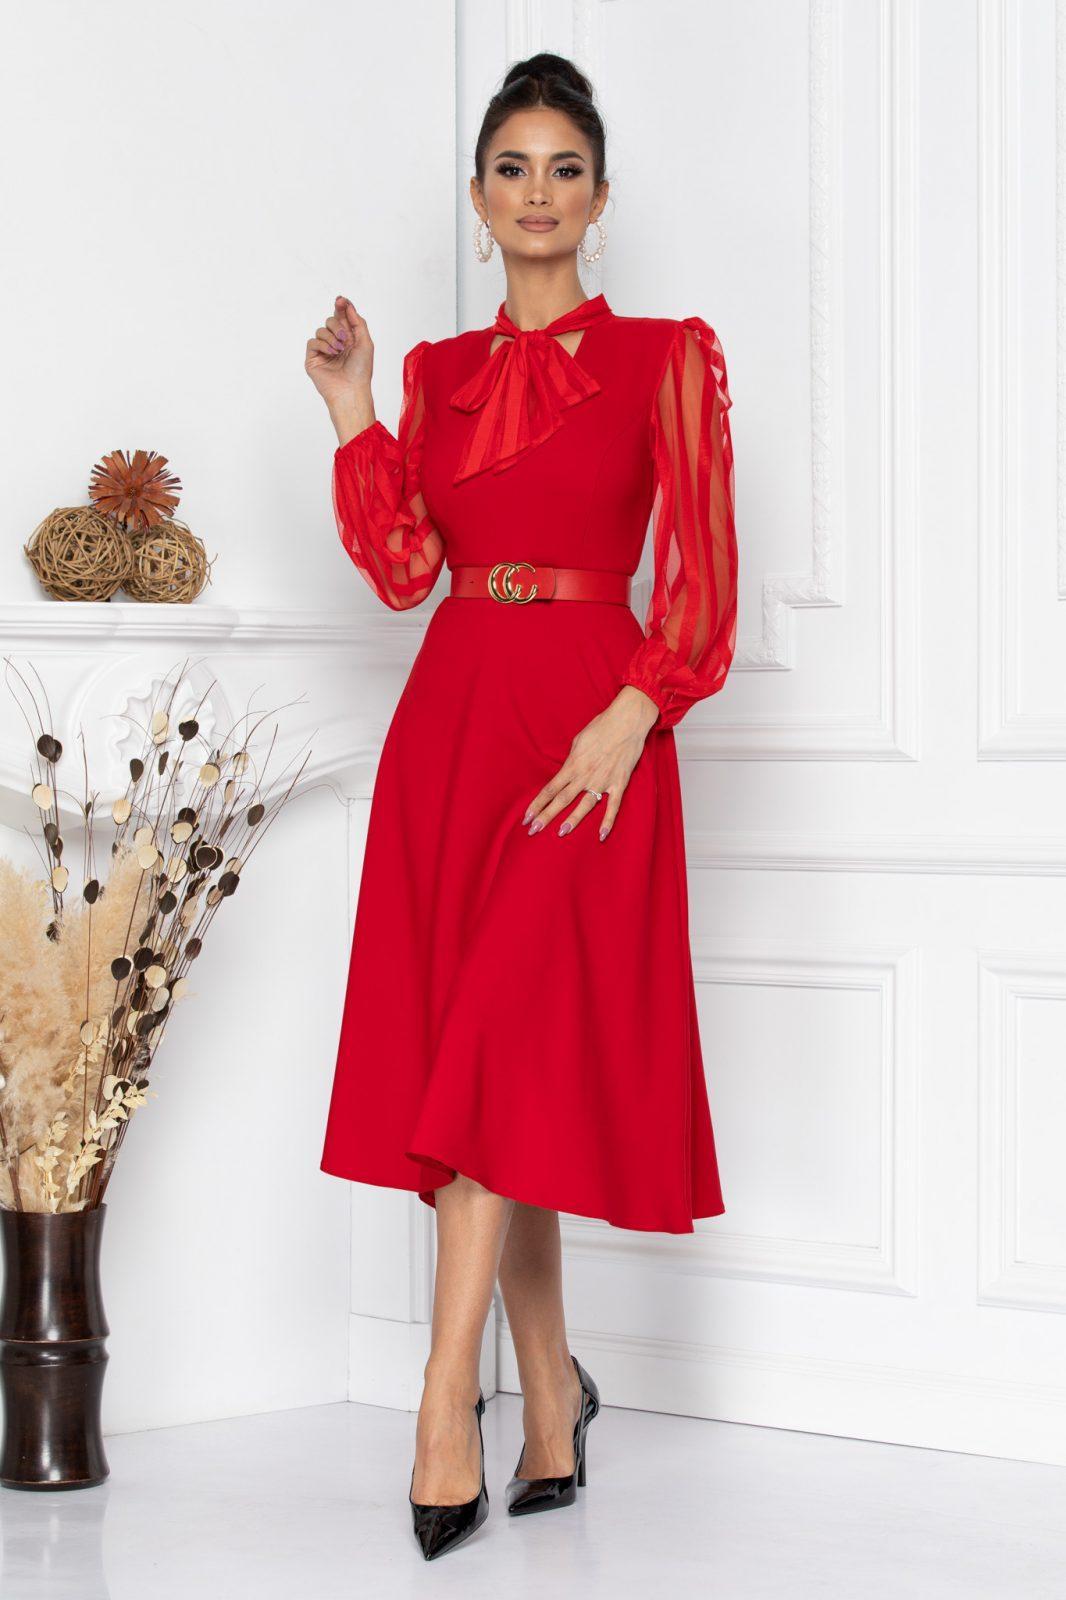 Κόκκινο Βραδινό Φόρεμα Με Ζώνη Nima 8671